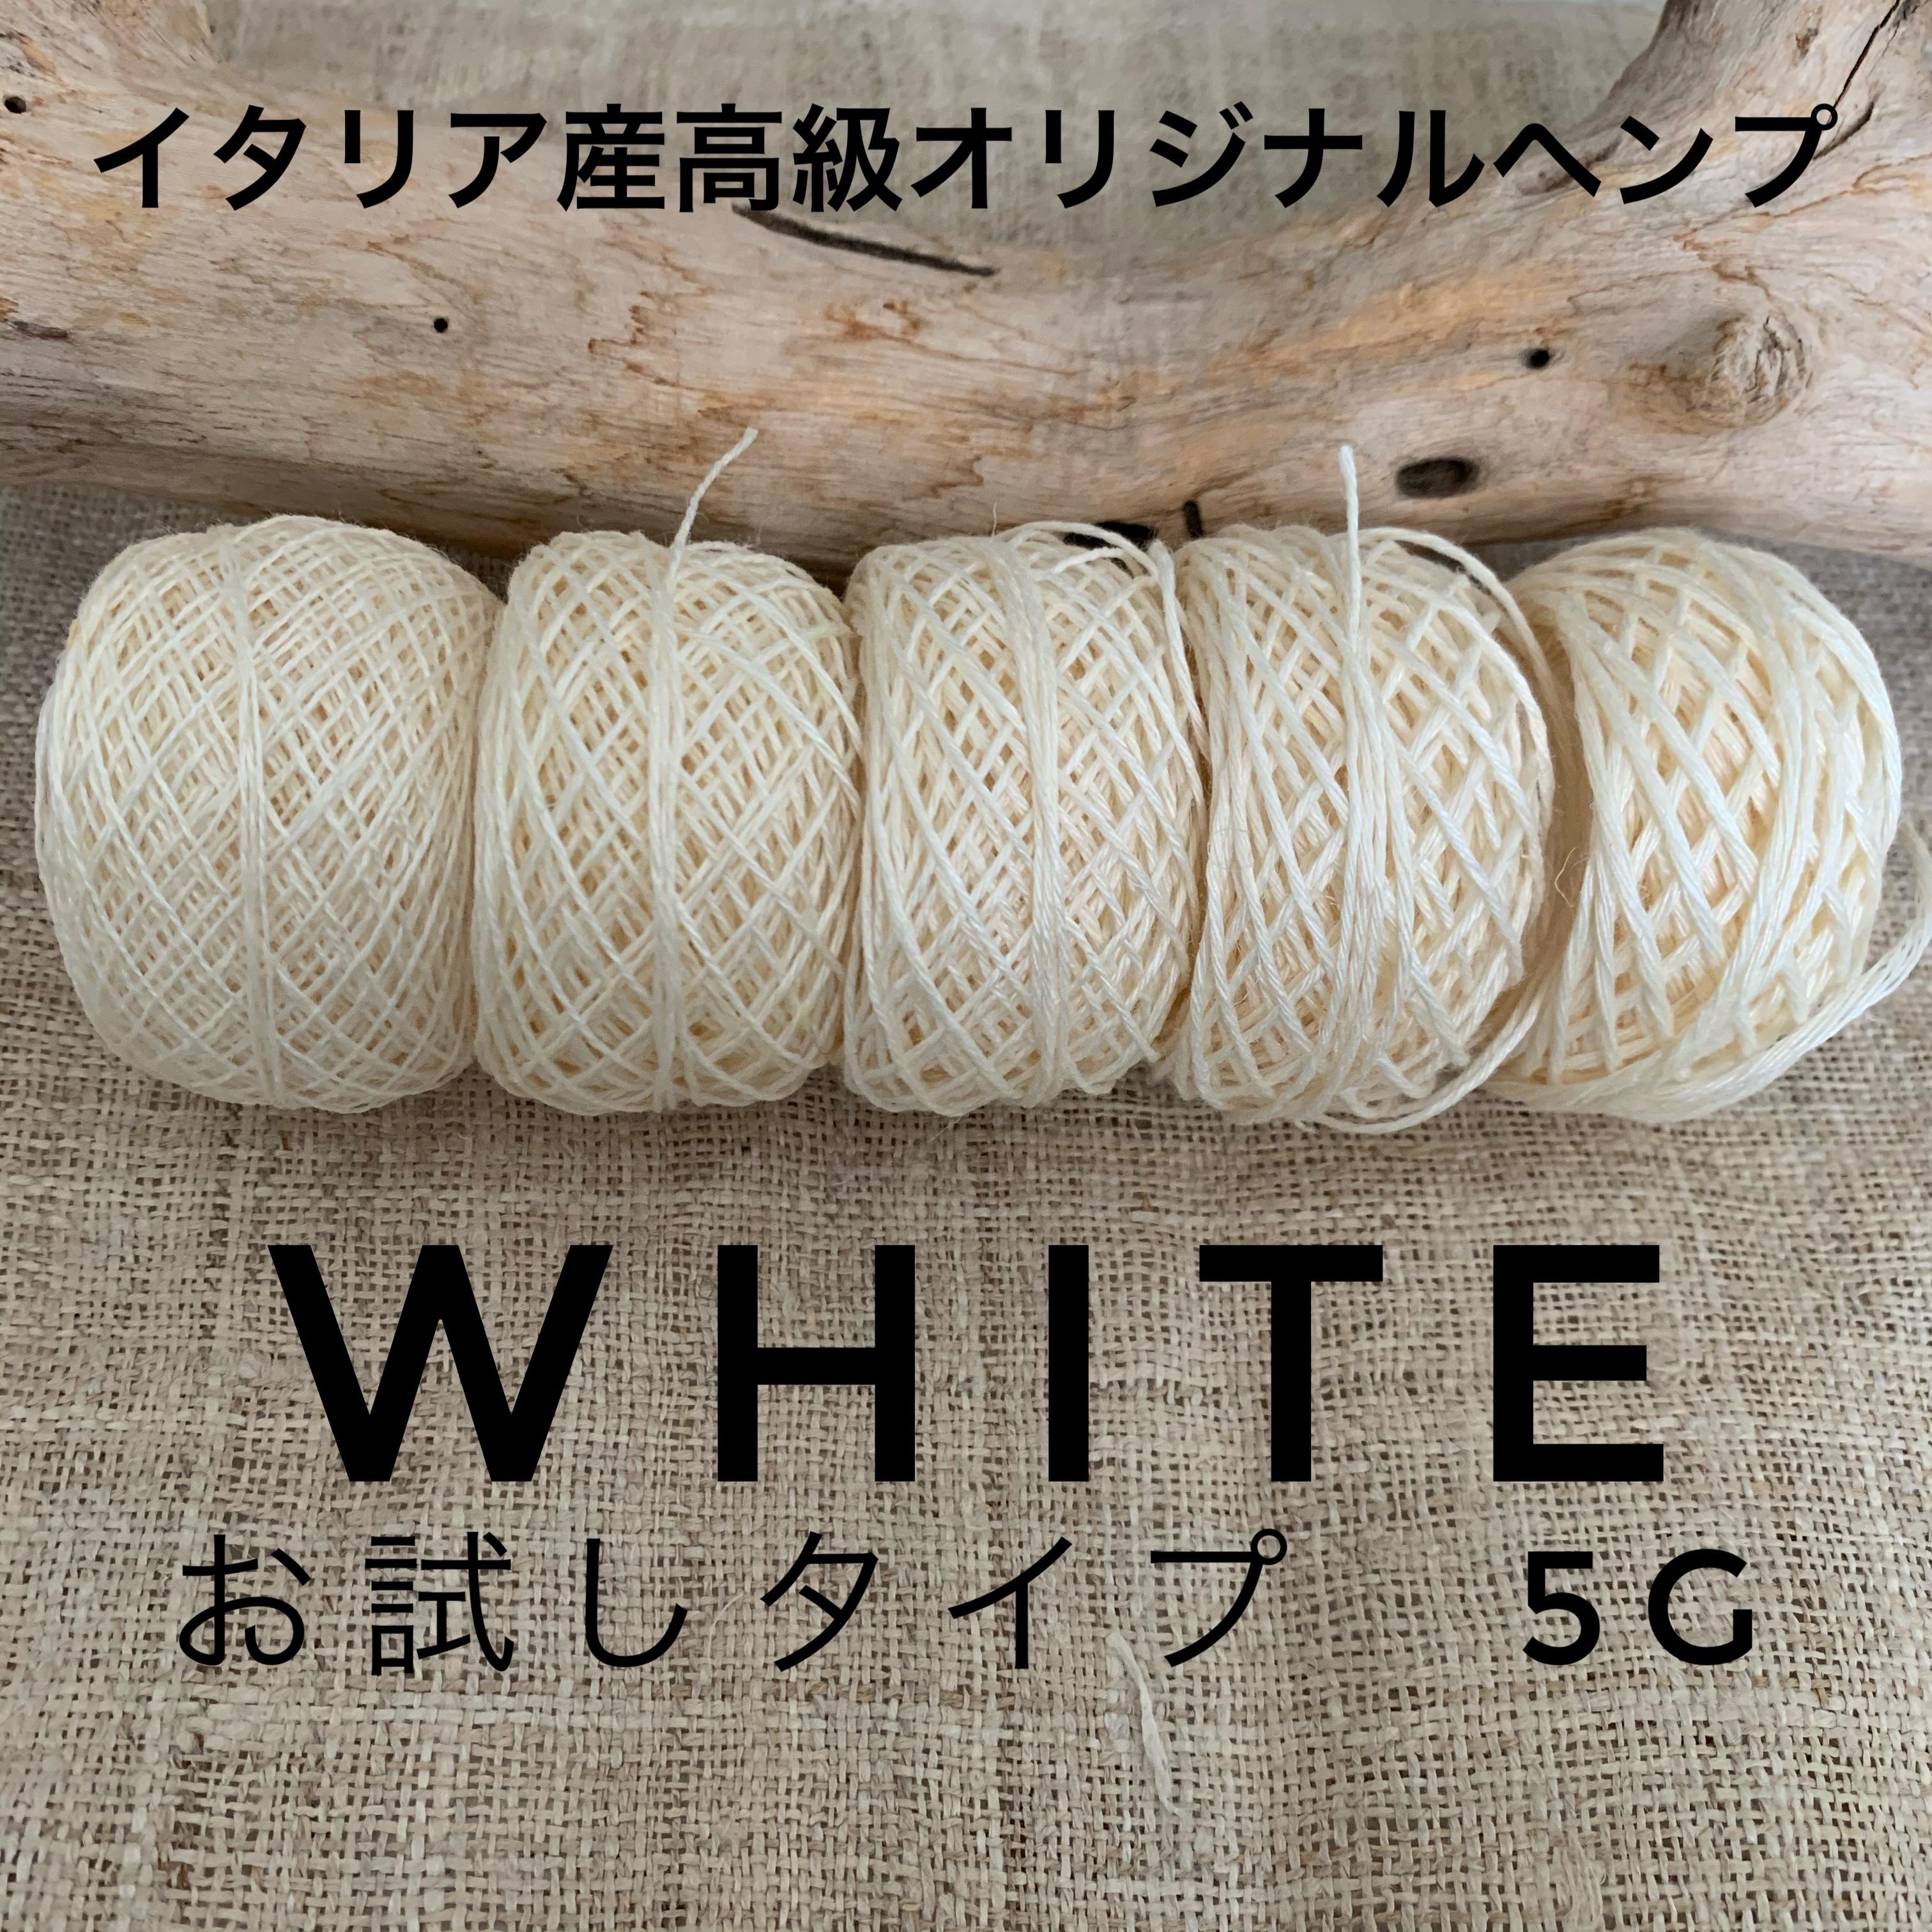 イタリア産高級オリジナルヘンプ WHITE 5gお試しタイプ【太さを選んで下さい】【ネコポス発送可能】